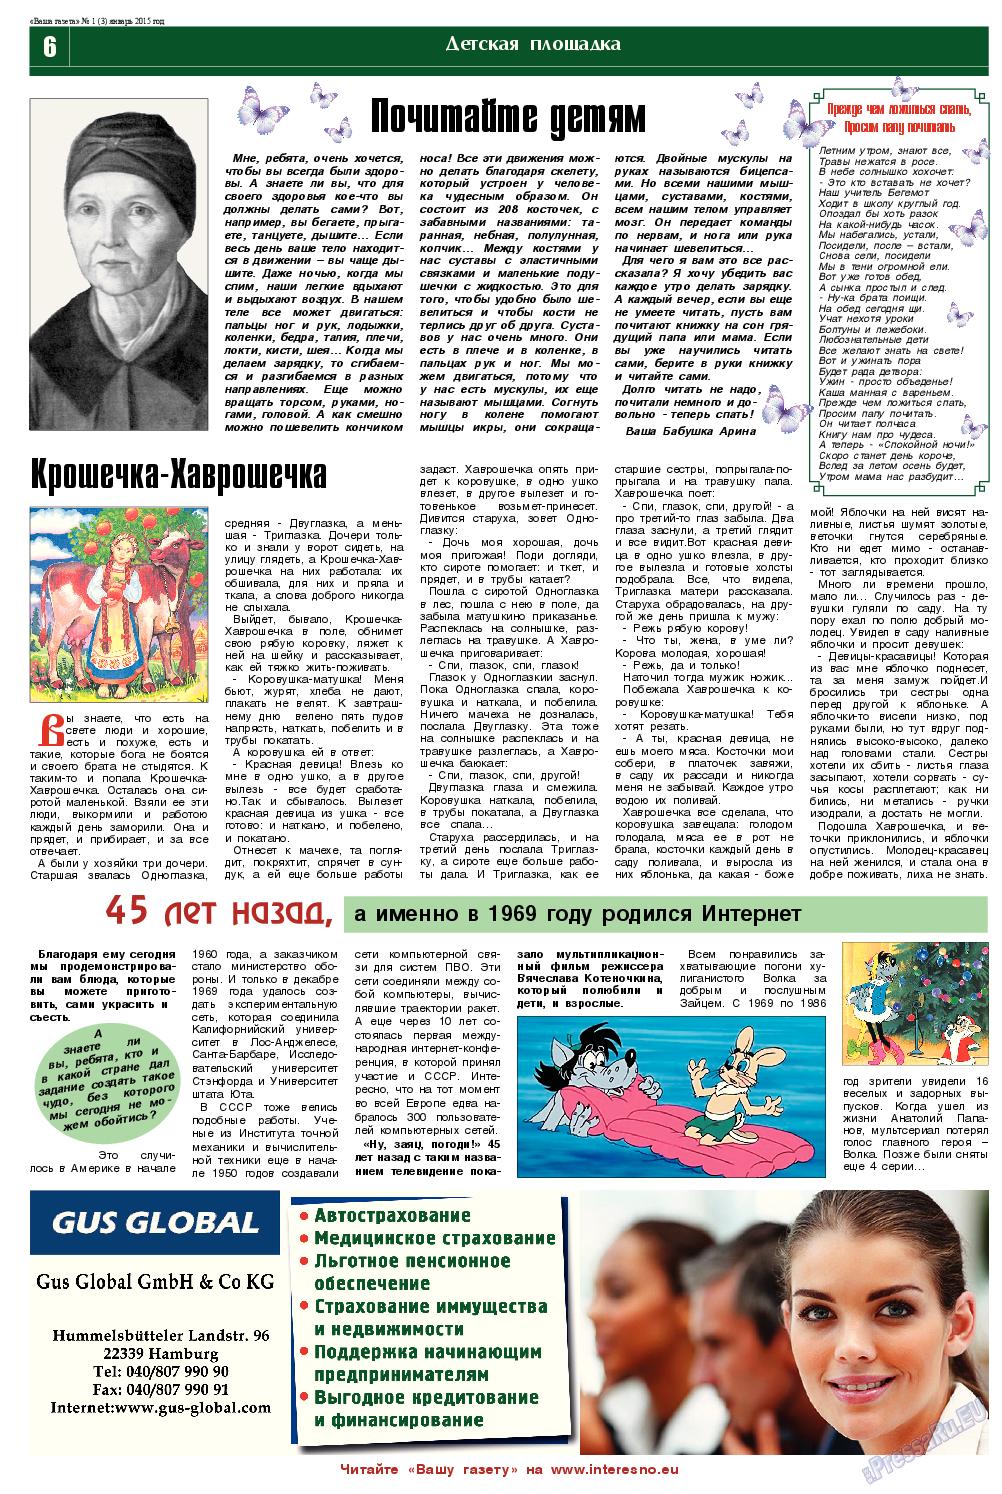 Ваша газета (газета). 2015 год, номер 1, стр. 6